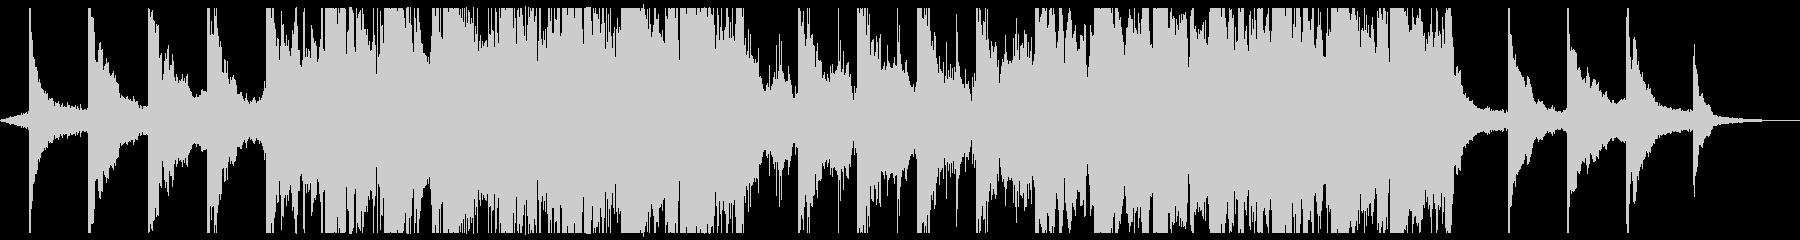 現代の交響曲 アンビエント 神経質...の未再生の波形